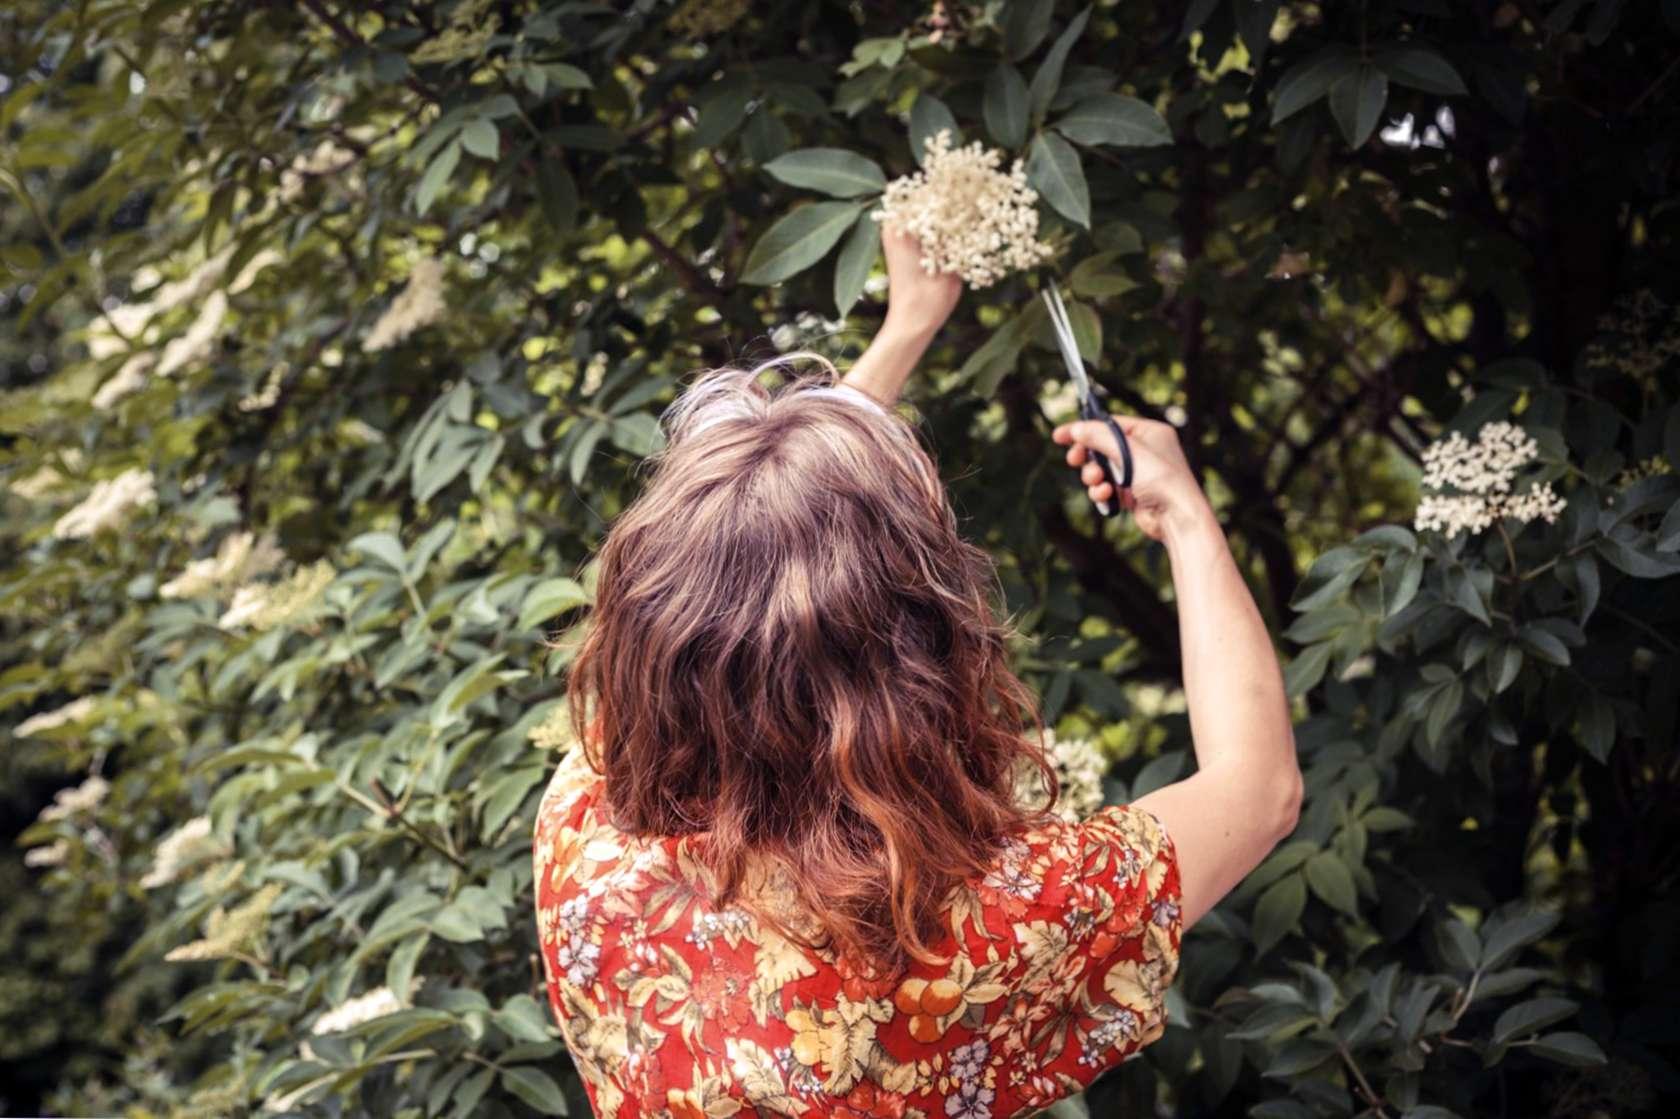 Holunderbeeren Pflanzen Schneiden Erfahren Sie Uber Rebschnitt